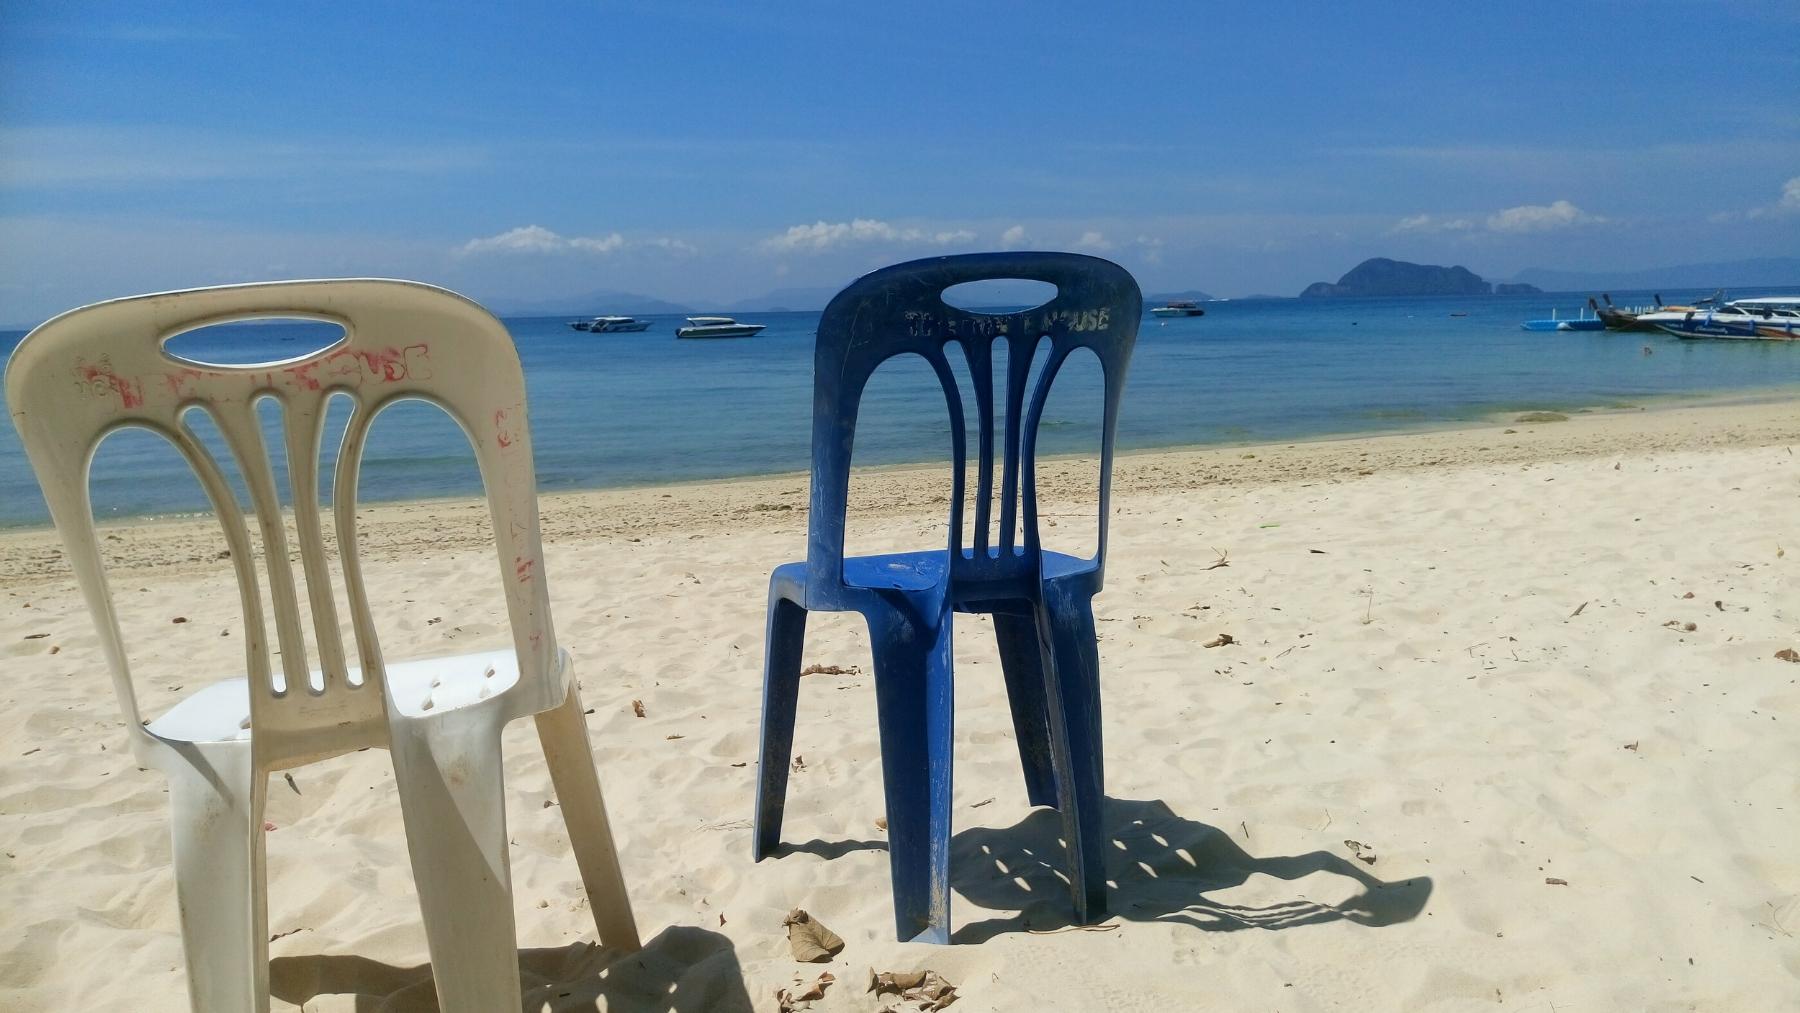 Phuket in the distance. Beach on Koh Yao Noi, Thailand